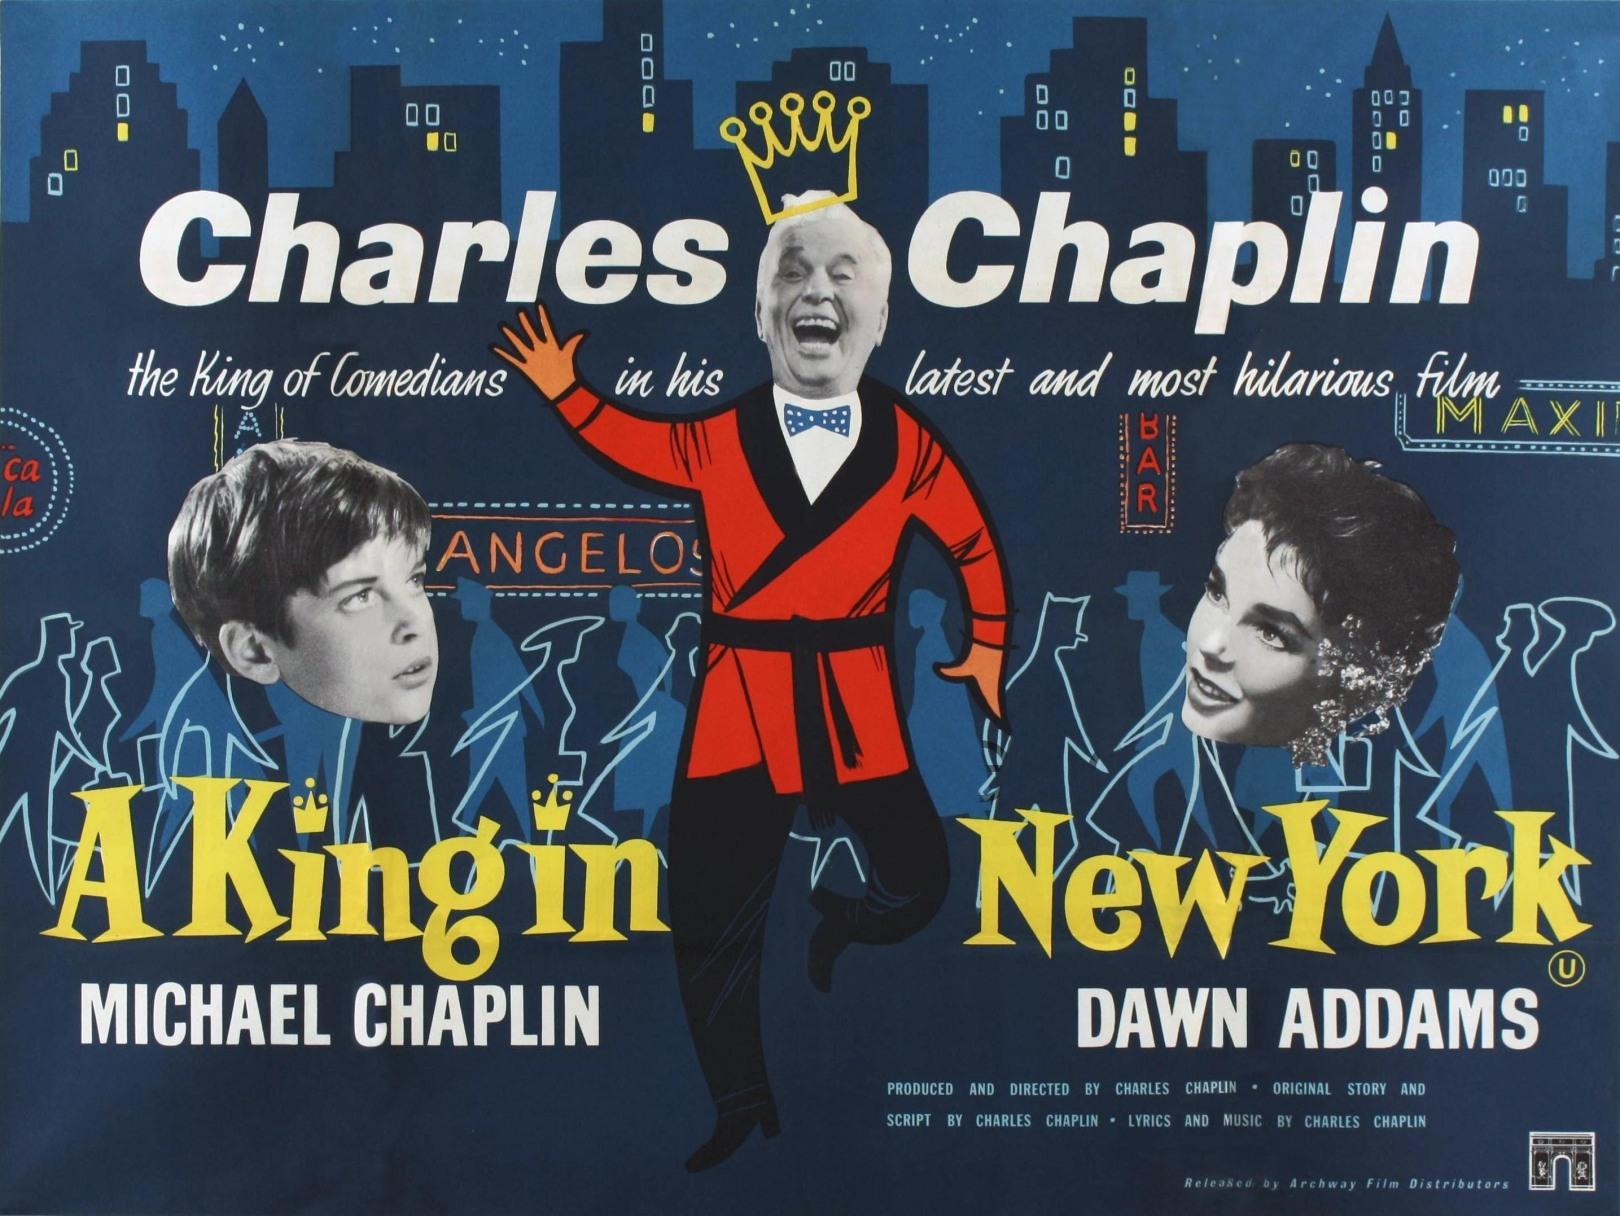 Chaplin utiliza el humor para atacar todo lo que él considera hipócrita. En una gran parodia en la que asiste el monarca ante una sala de cine, observamos la sátira con la que Chaplin afrenta las últimas novedades de la cartelera en Hollywood, con películas con argumentos absurdos y secuencias de acción ambientadas en el universo del western que parecen no acabar nunca.